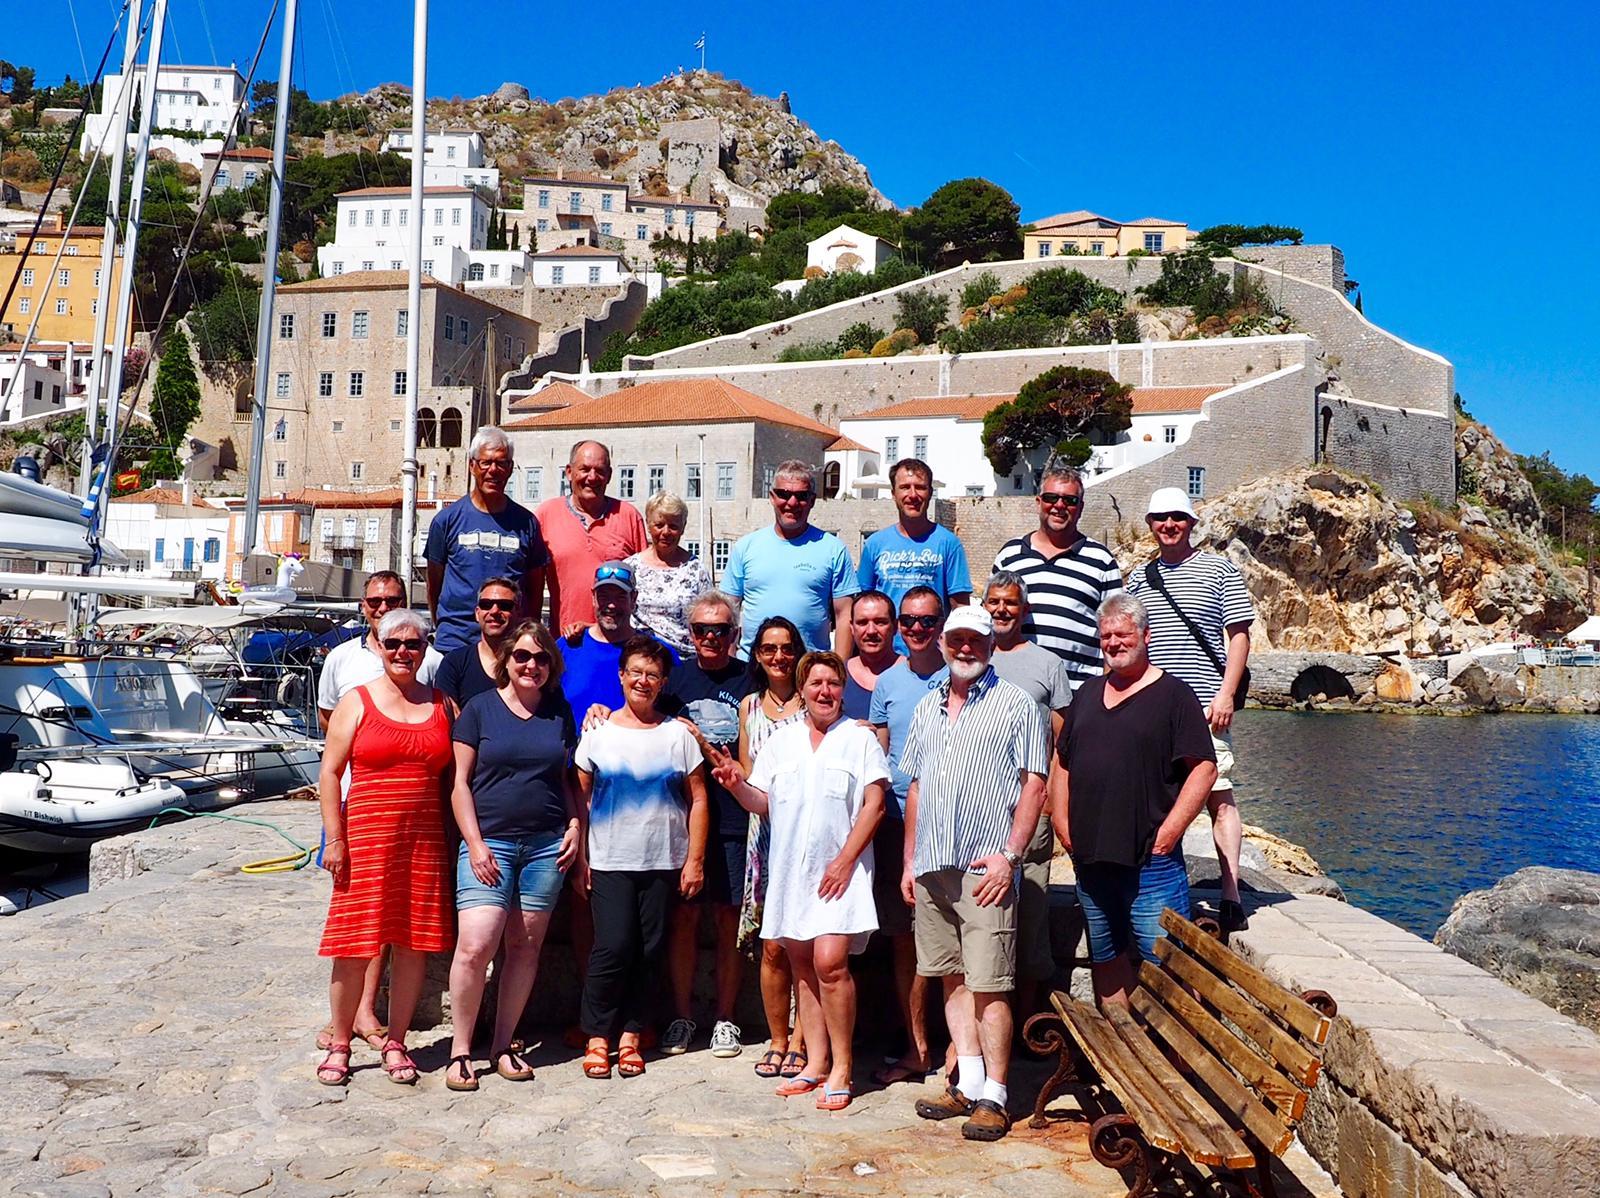 Mitsegeln Athen - Gruppenbild der Crews